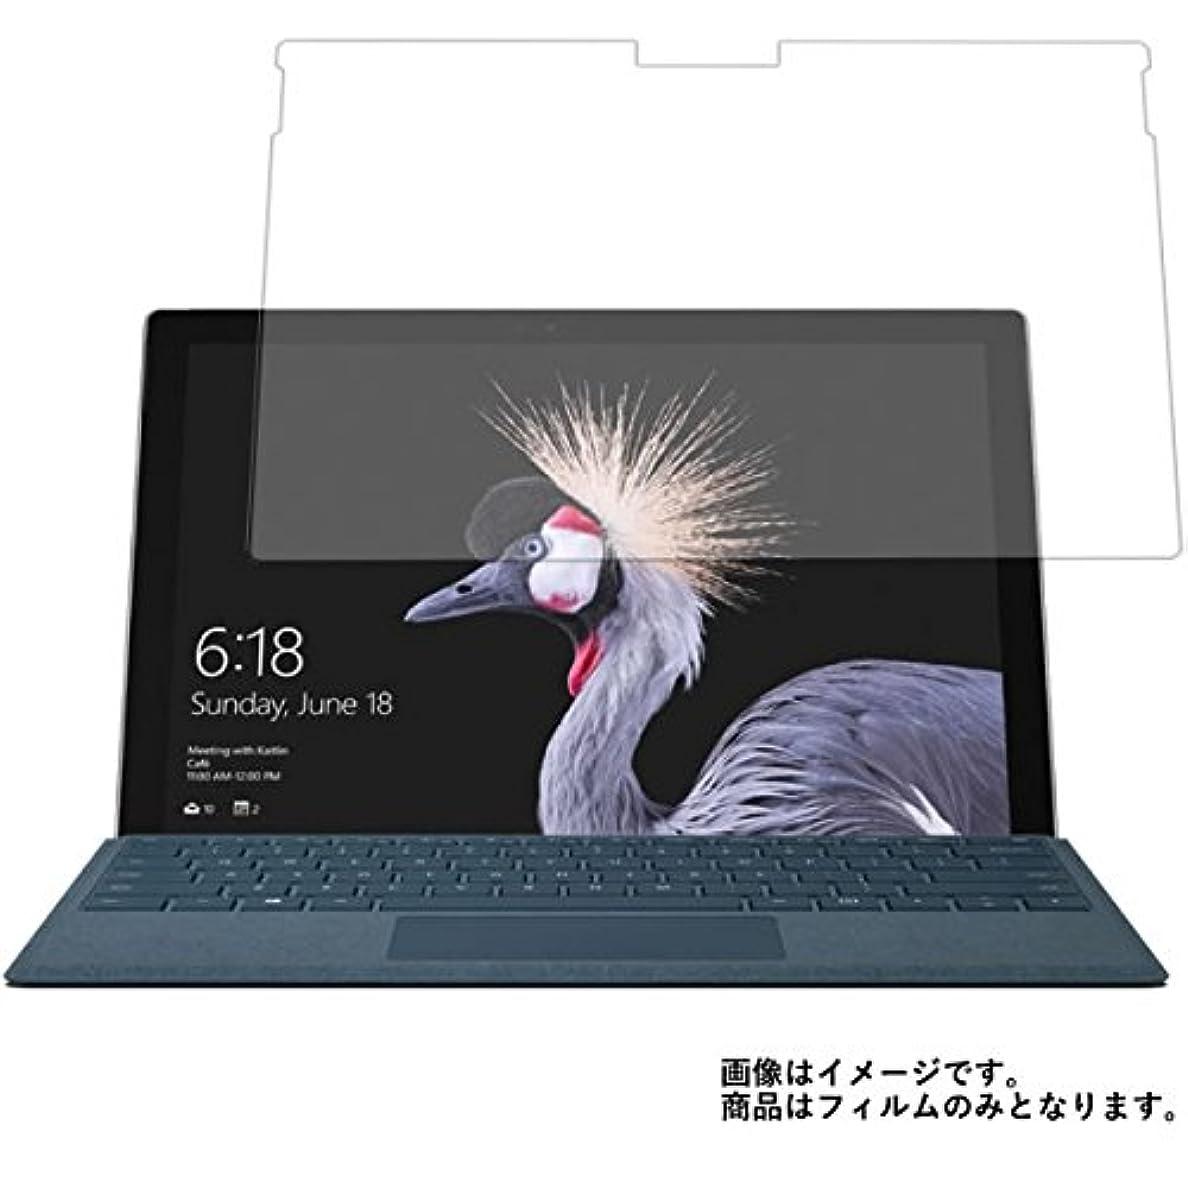 大陸高めるメタリックMicrosoft Surface Pro 2017年6月モデル 12.3インチ用 液晶保護フィルム 清潔で目に優しいアンチグレア?ブルーライトカットタイプ